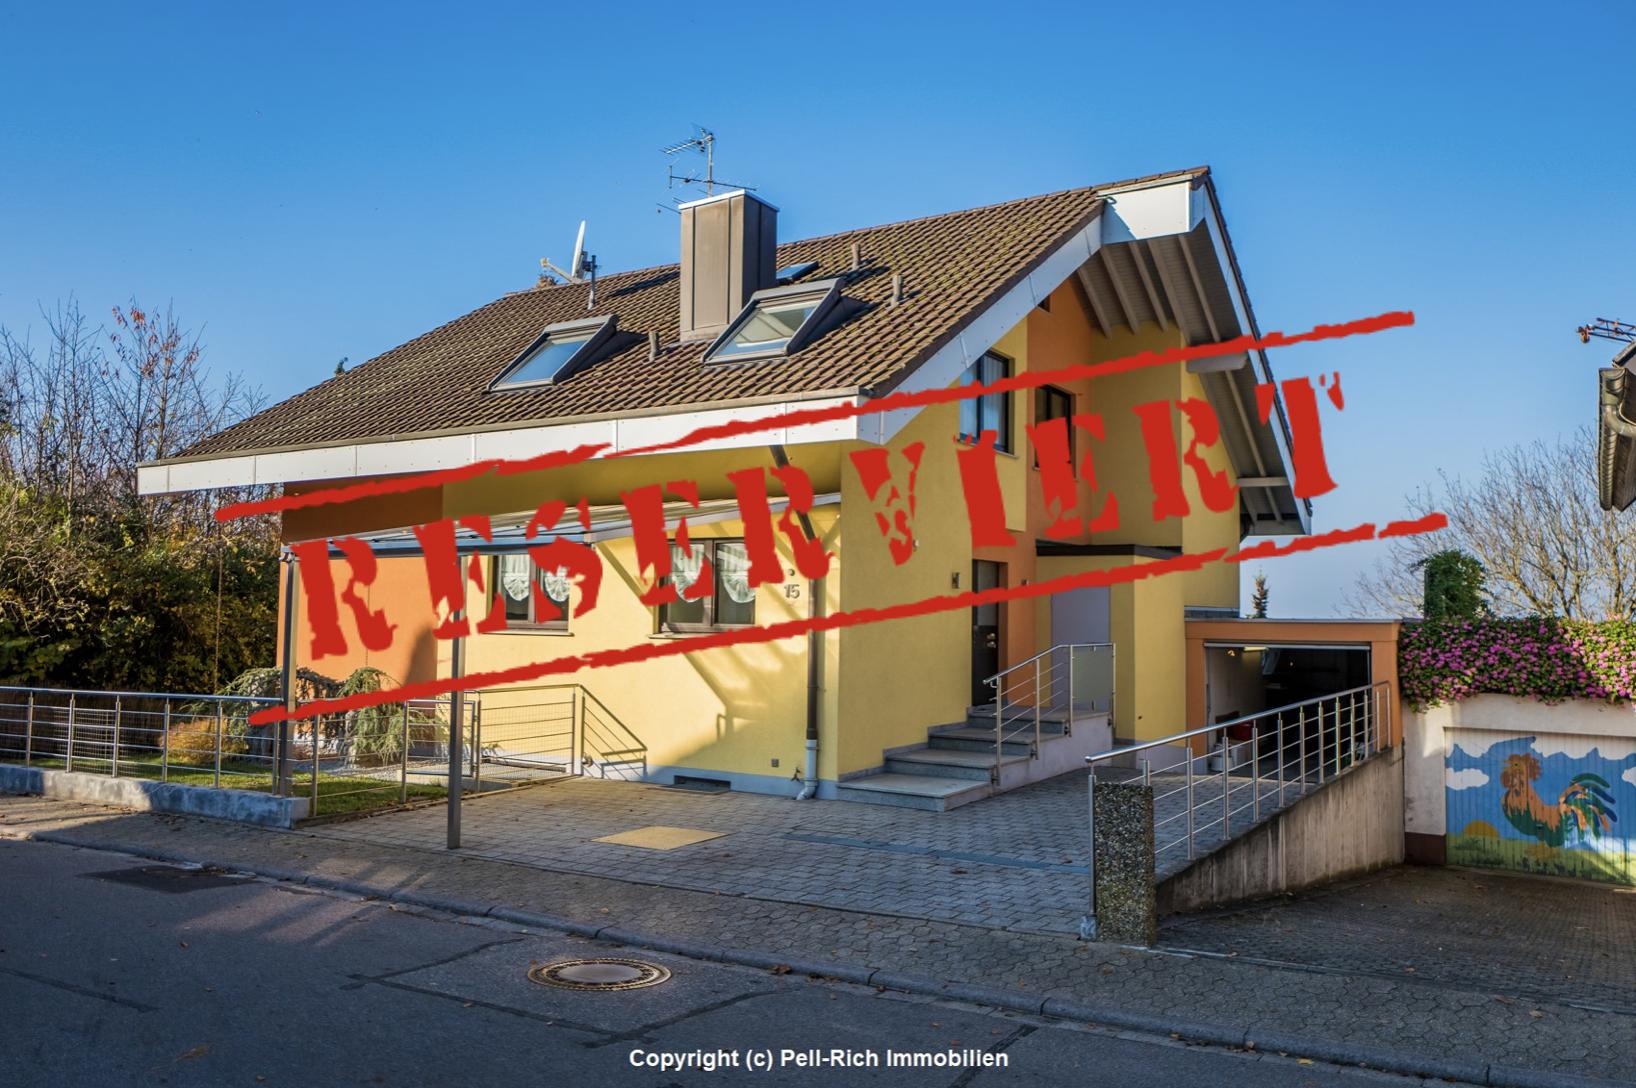 -derzeit reserviert- FAMILIENGLÜCK: Einfamilienhaus mit Einliegerwohnung und Top-Aussicht auf die Rheinebene